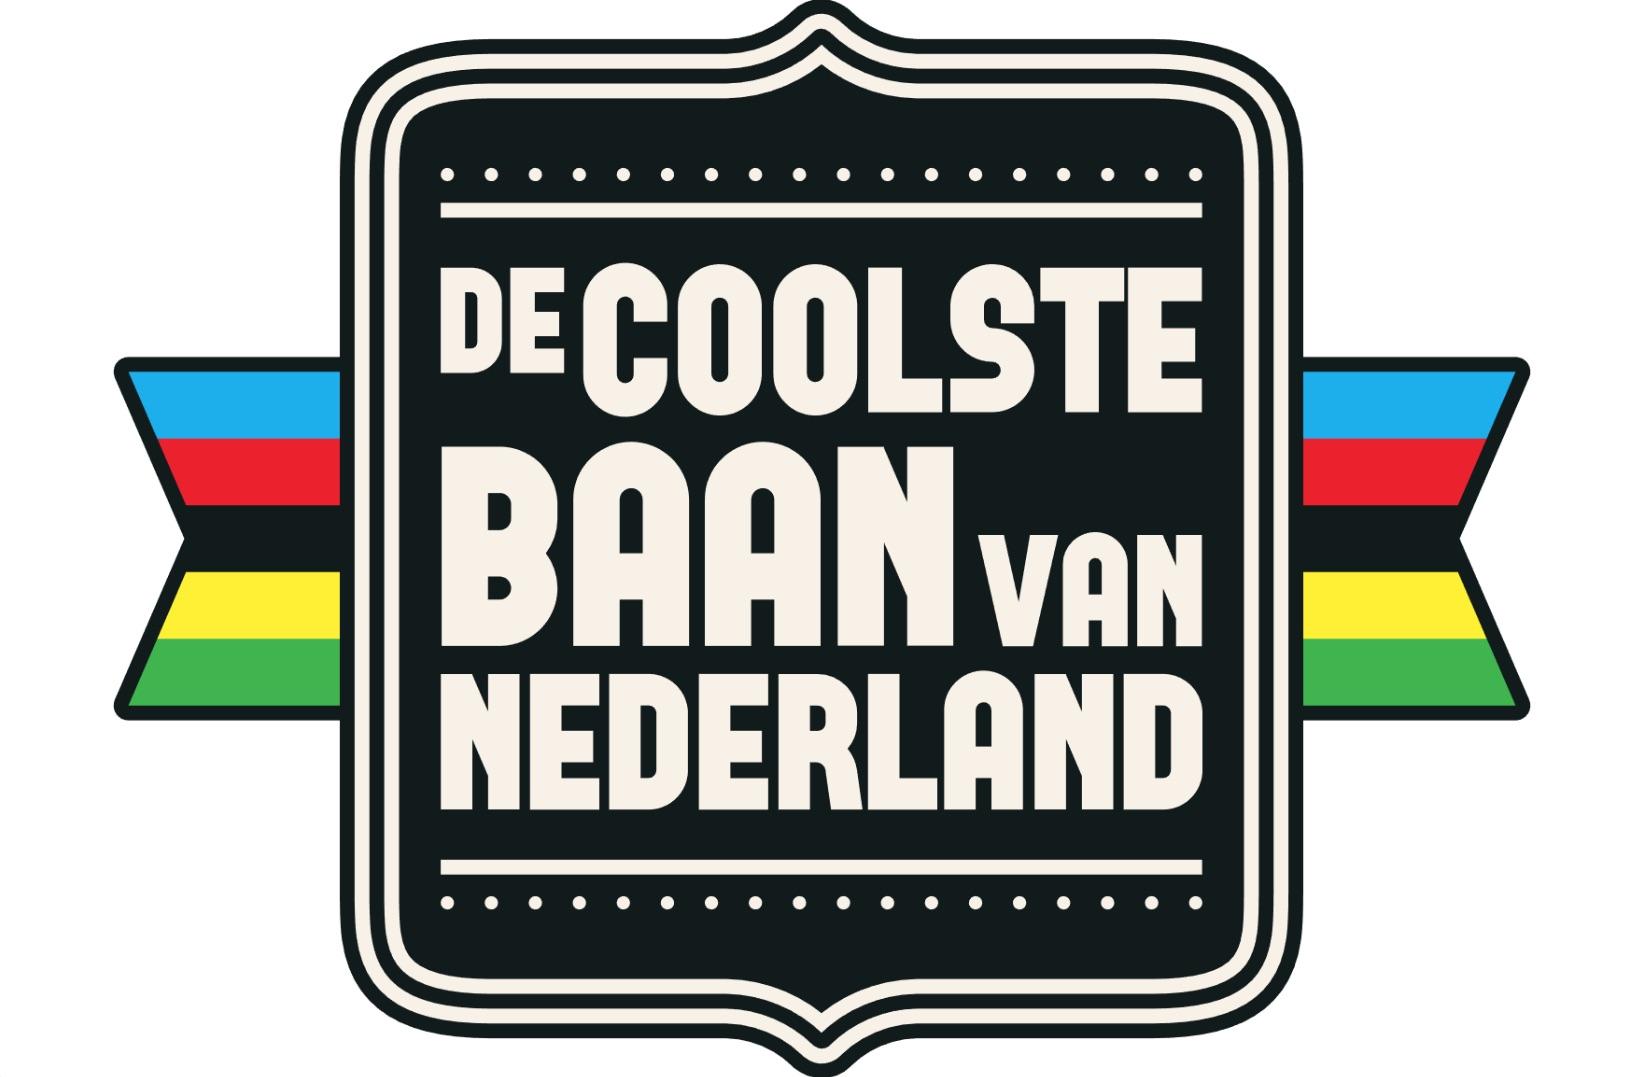 de coolste baan van nederland logo